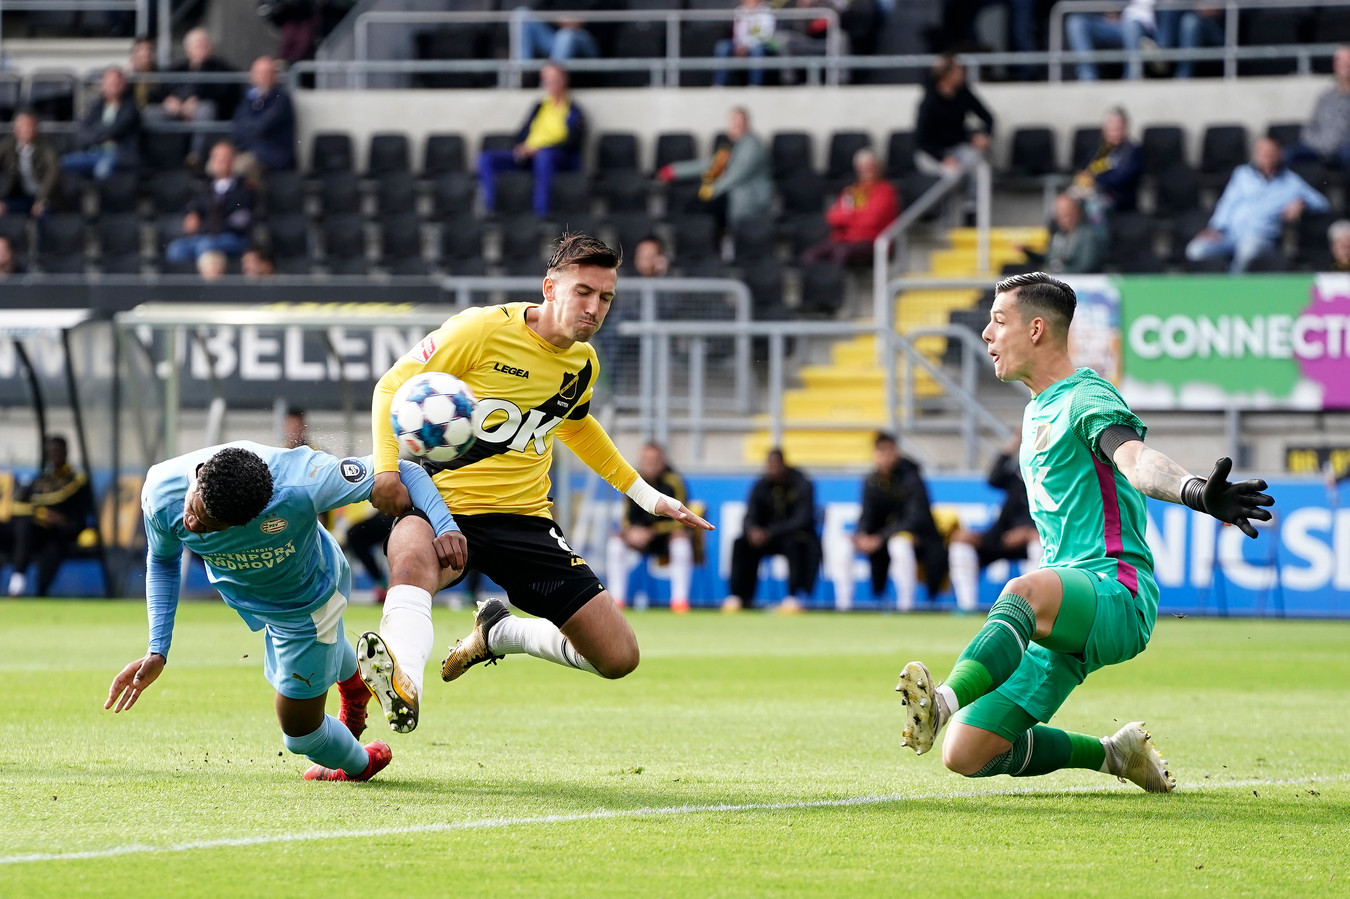 Nick Olij werd zaterdag eenmaal geklopt. Van dichtbij door Jong PSV-aanvaller Nigel Thomas.